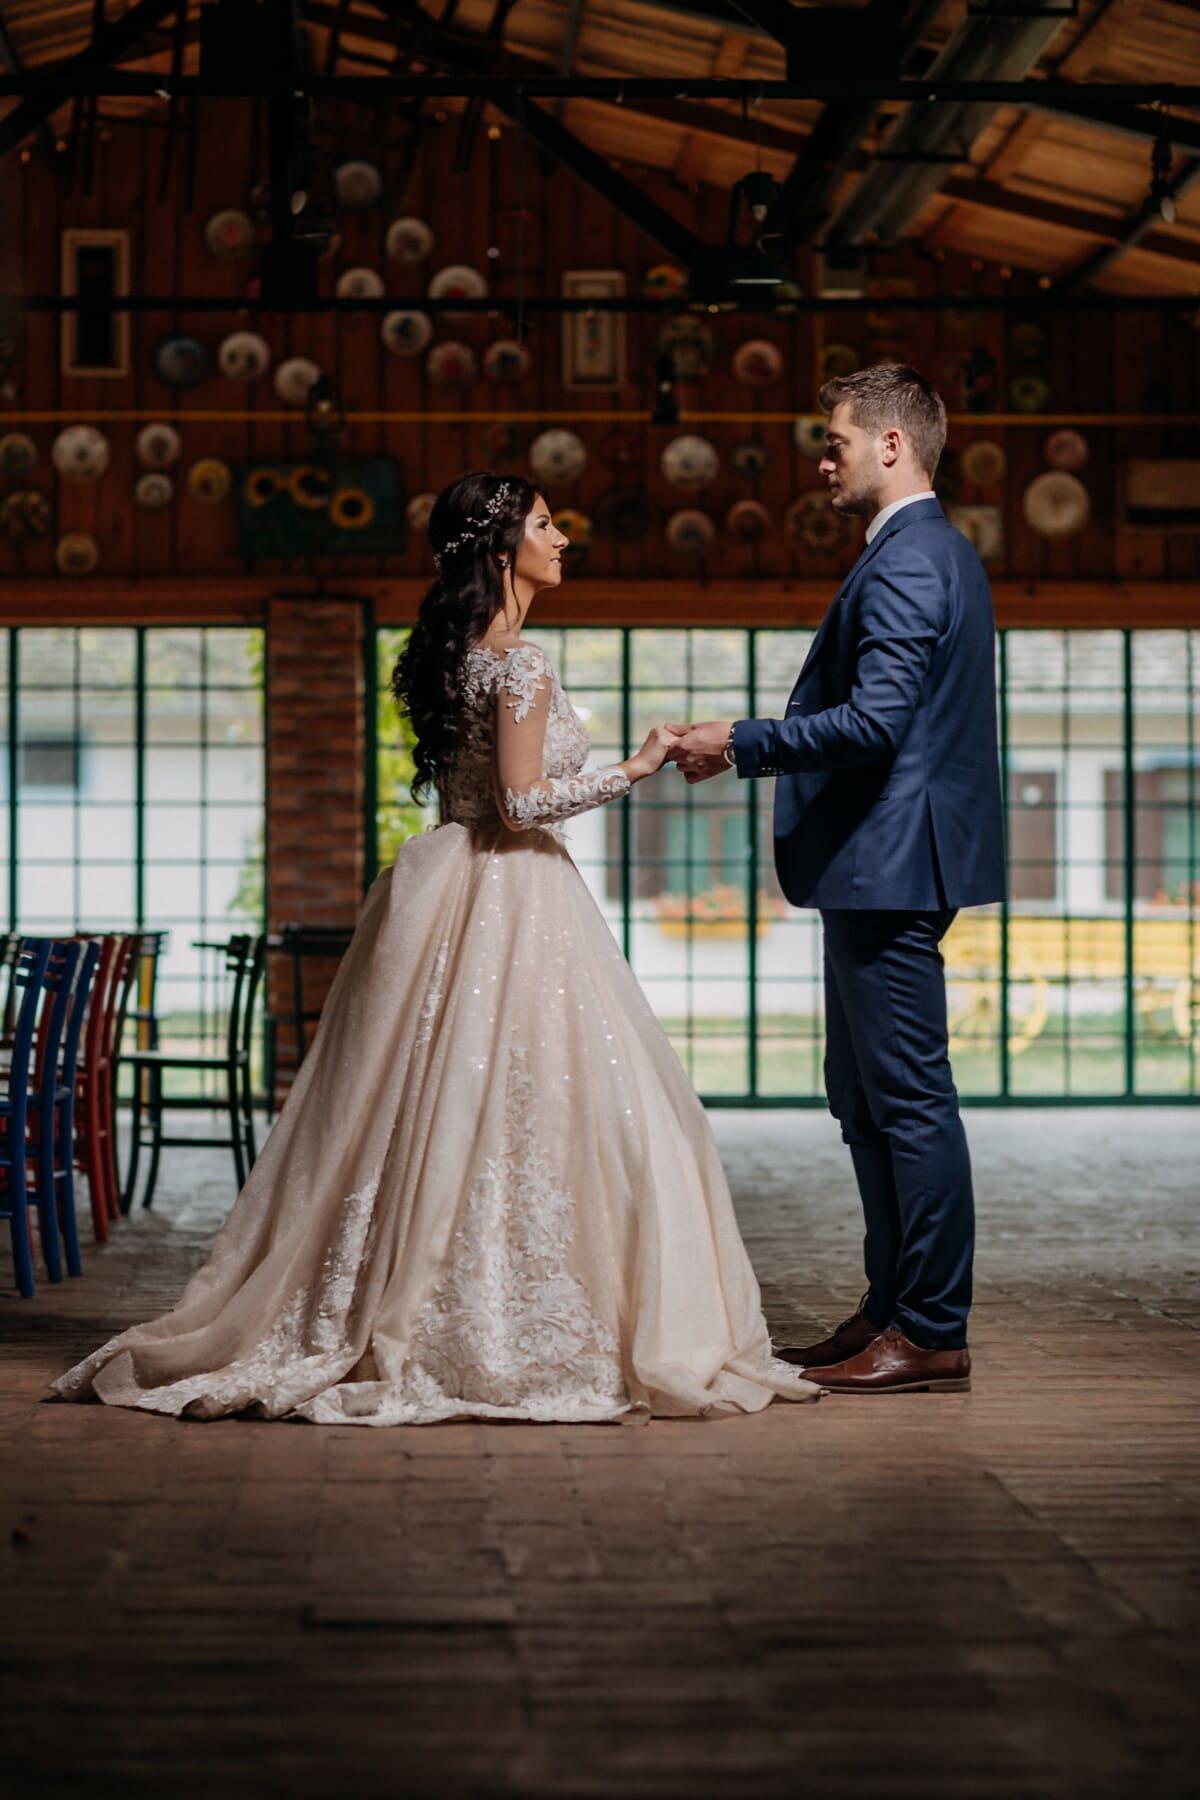 tari, menari, pengantin baru, istri, pengantin pria, suami, pengantin, Cinta, orang-orang, gaun